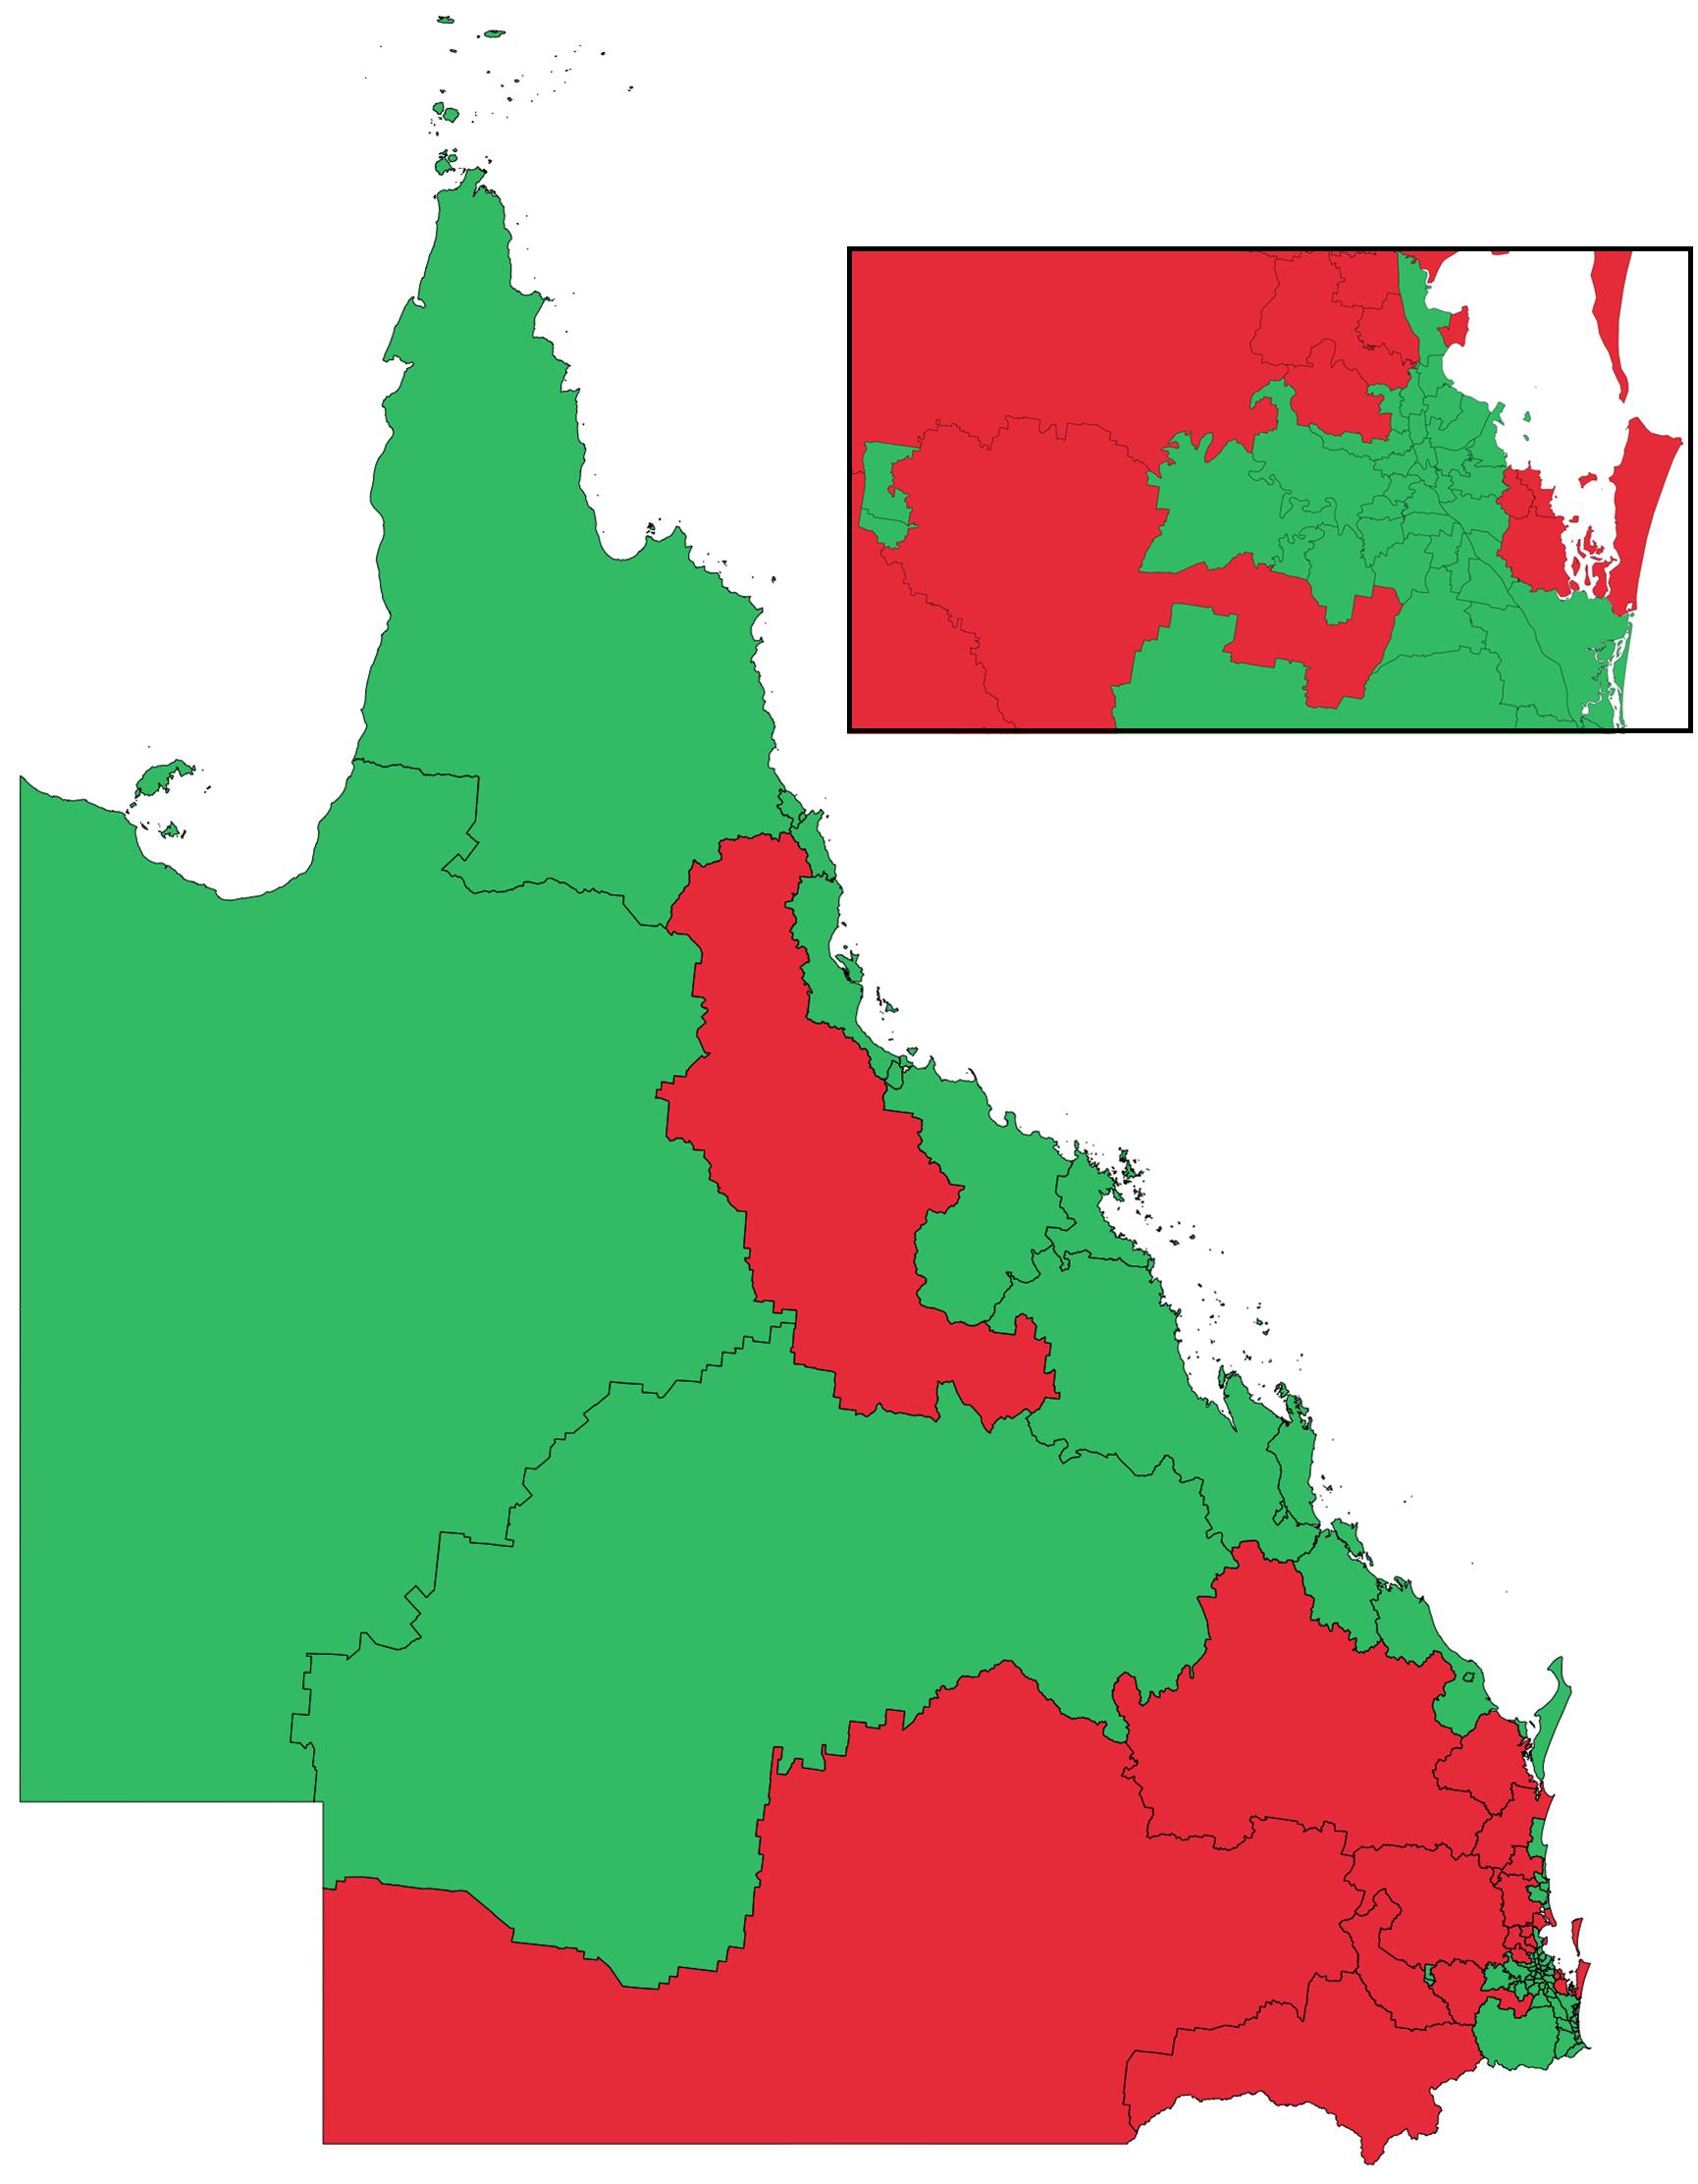 2016 Queensland term length referendum ...